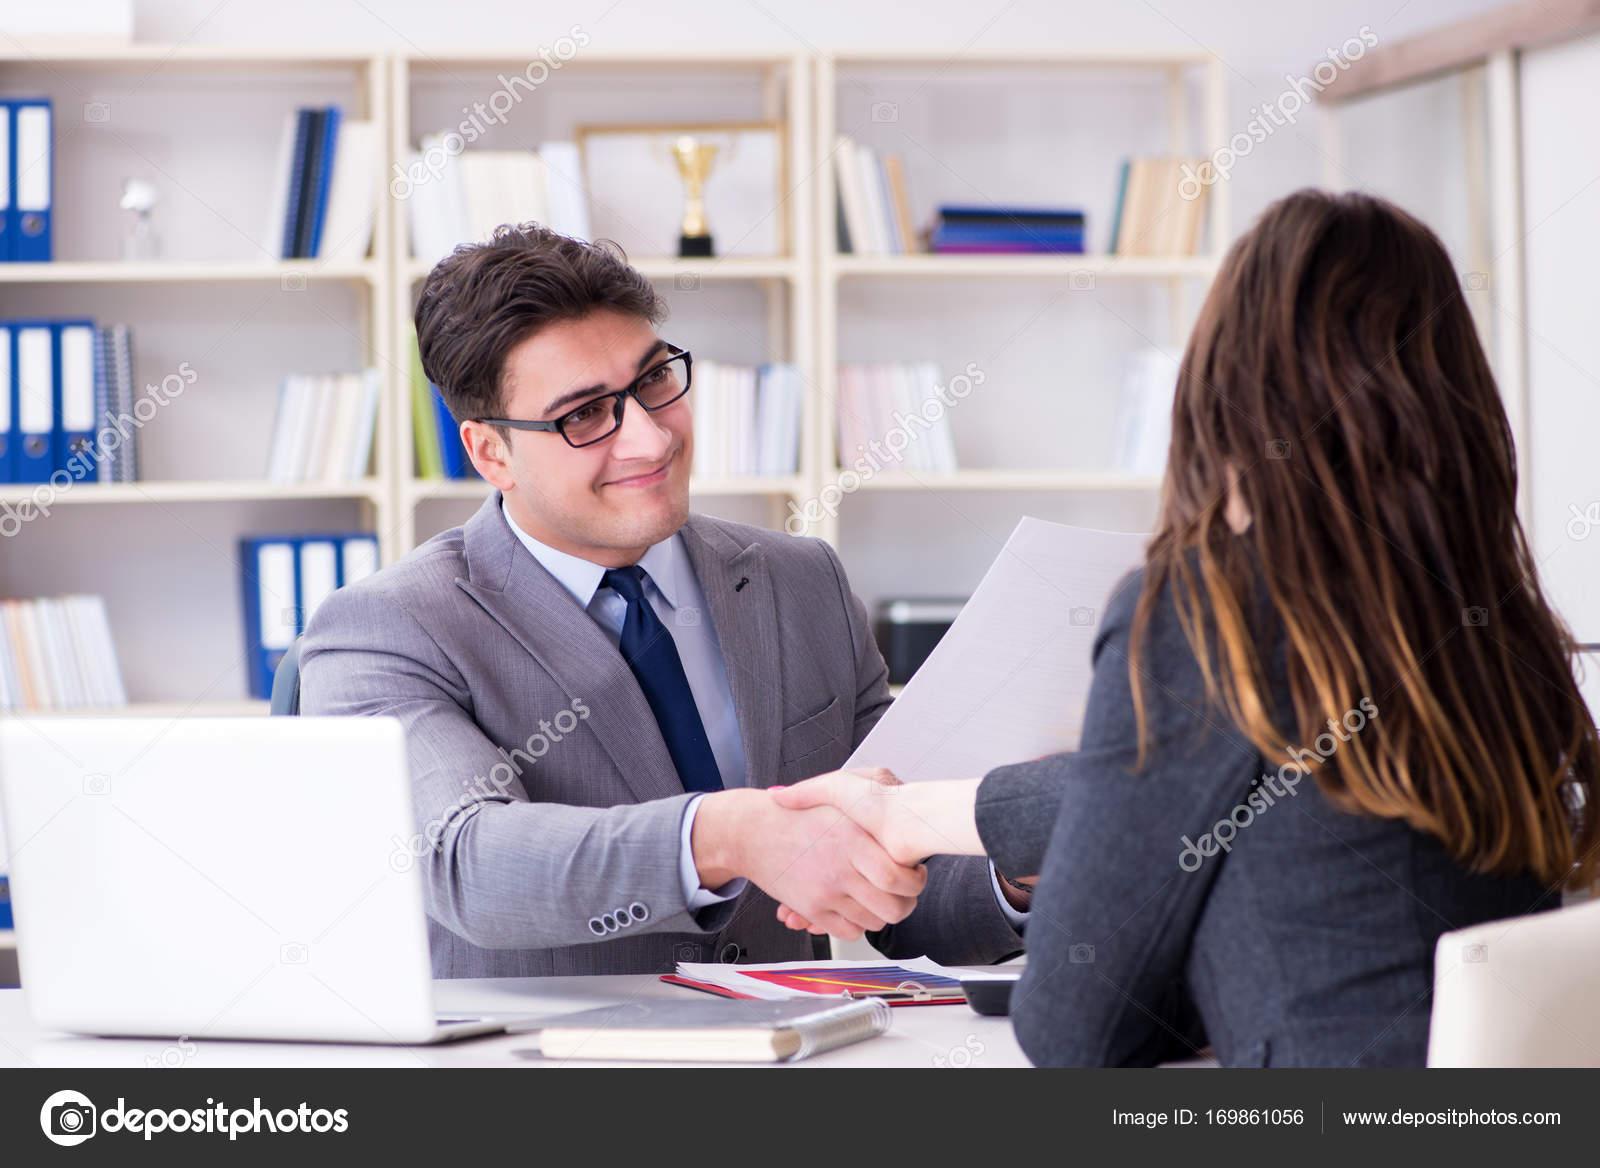 Site de rencontre de partenaire d'affaires